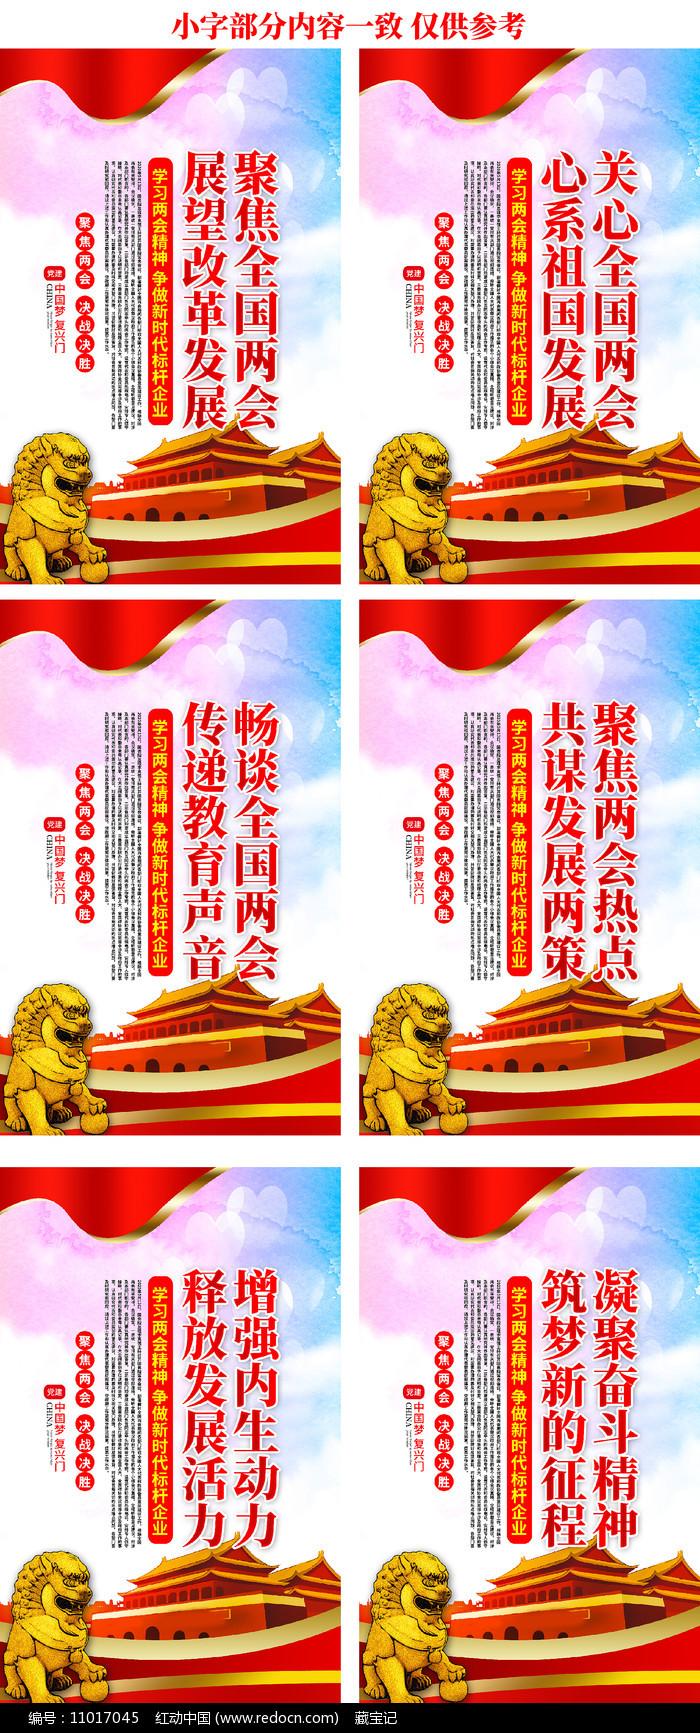 全国两会宣传标语挂画